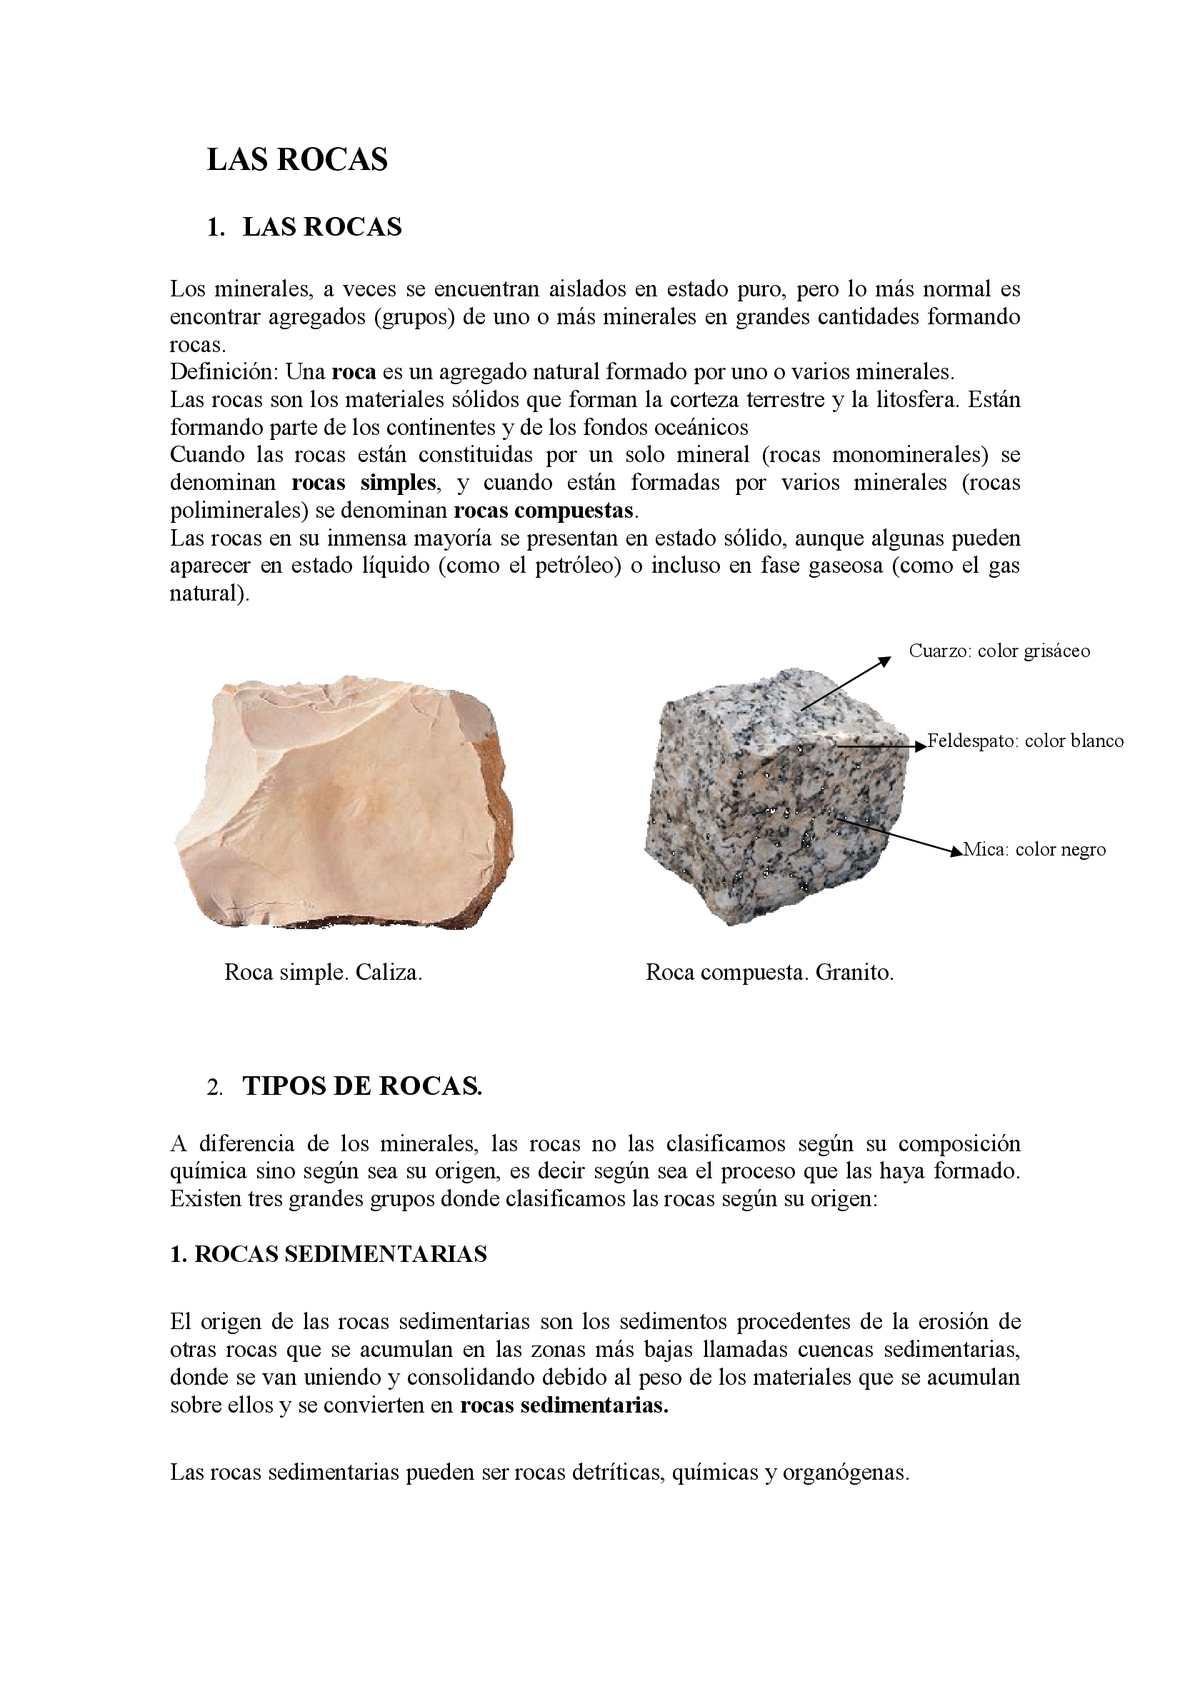 Calam o las rocas for Roca definicion